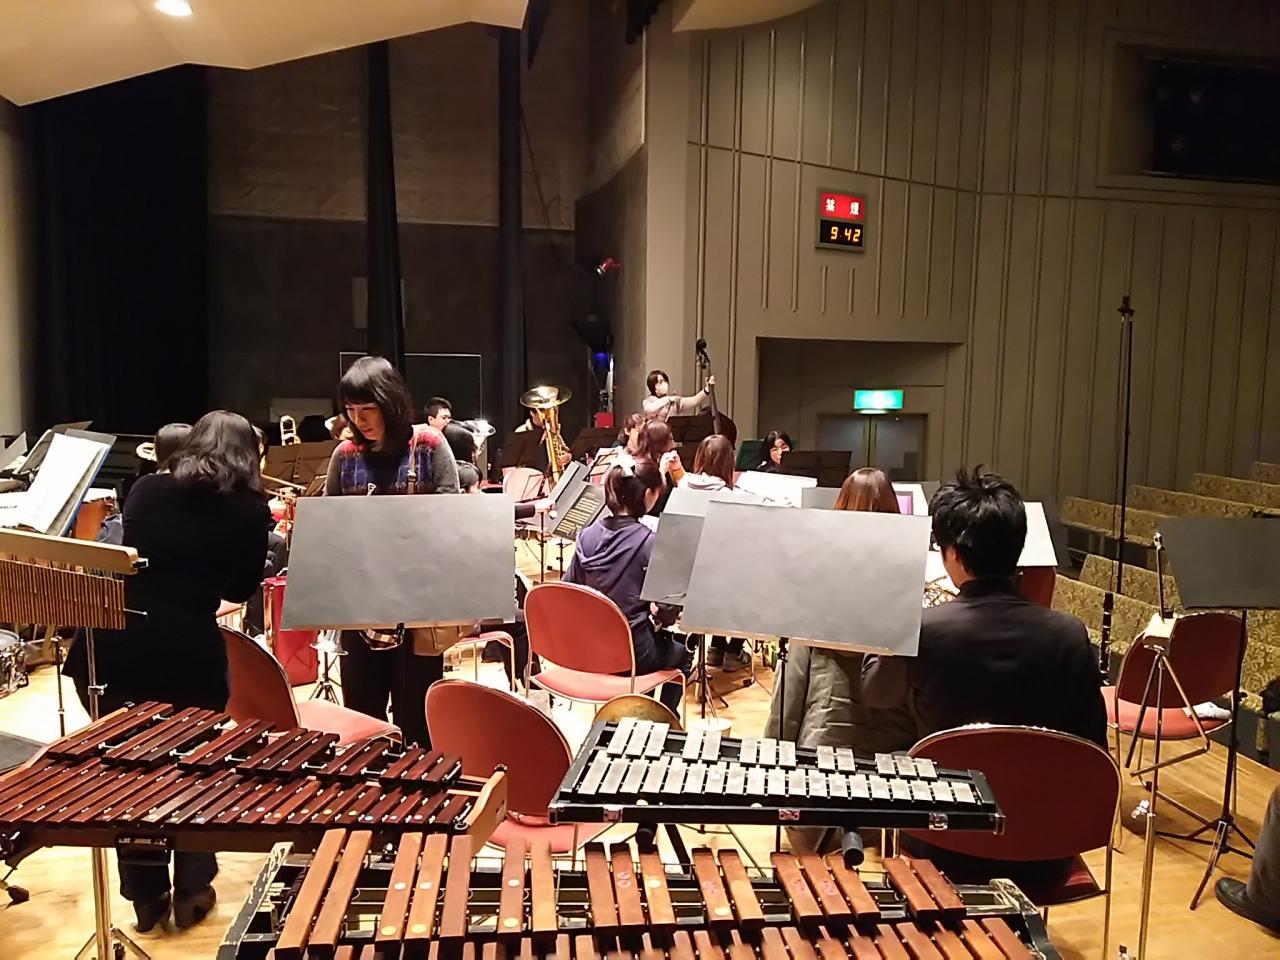 ホールでの吹奏楽の練習風景